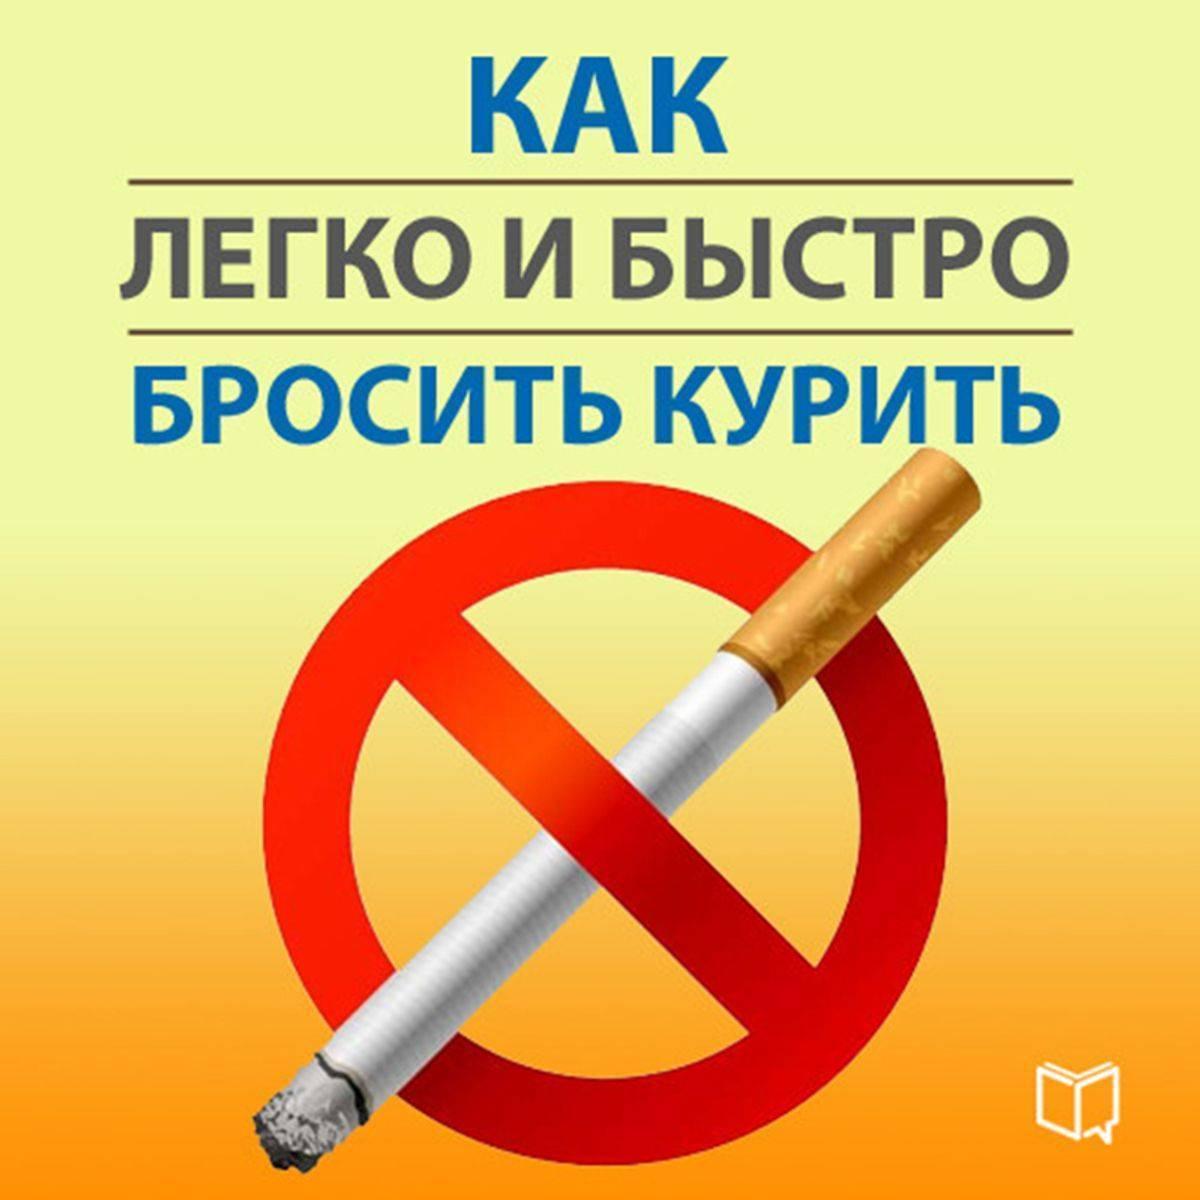 Методы для быстрого избавления от курения в домашних условиях